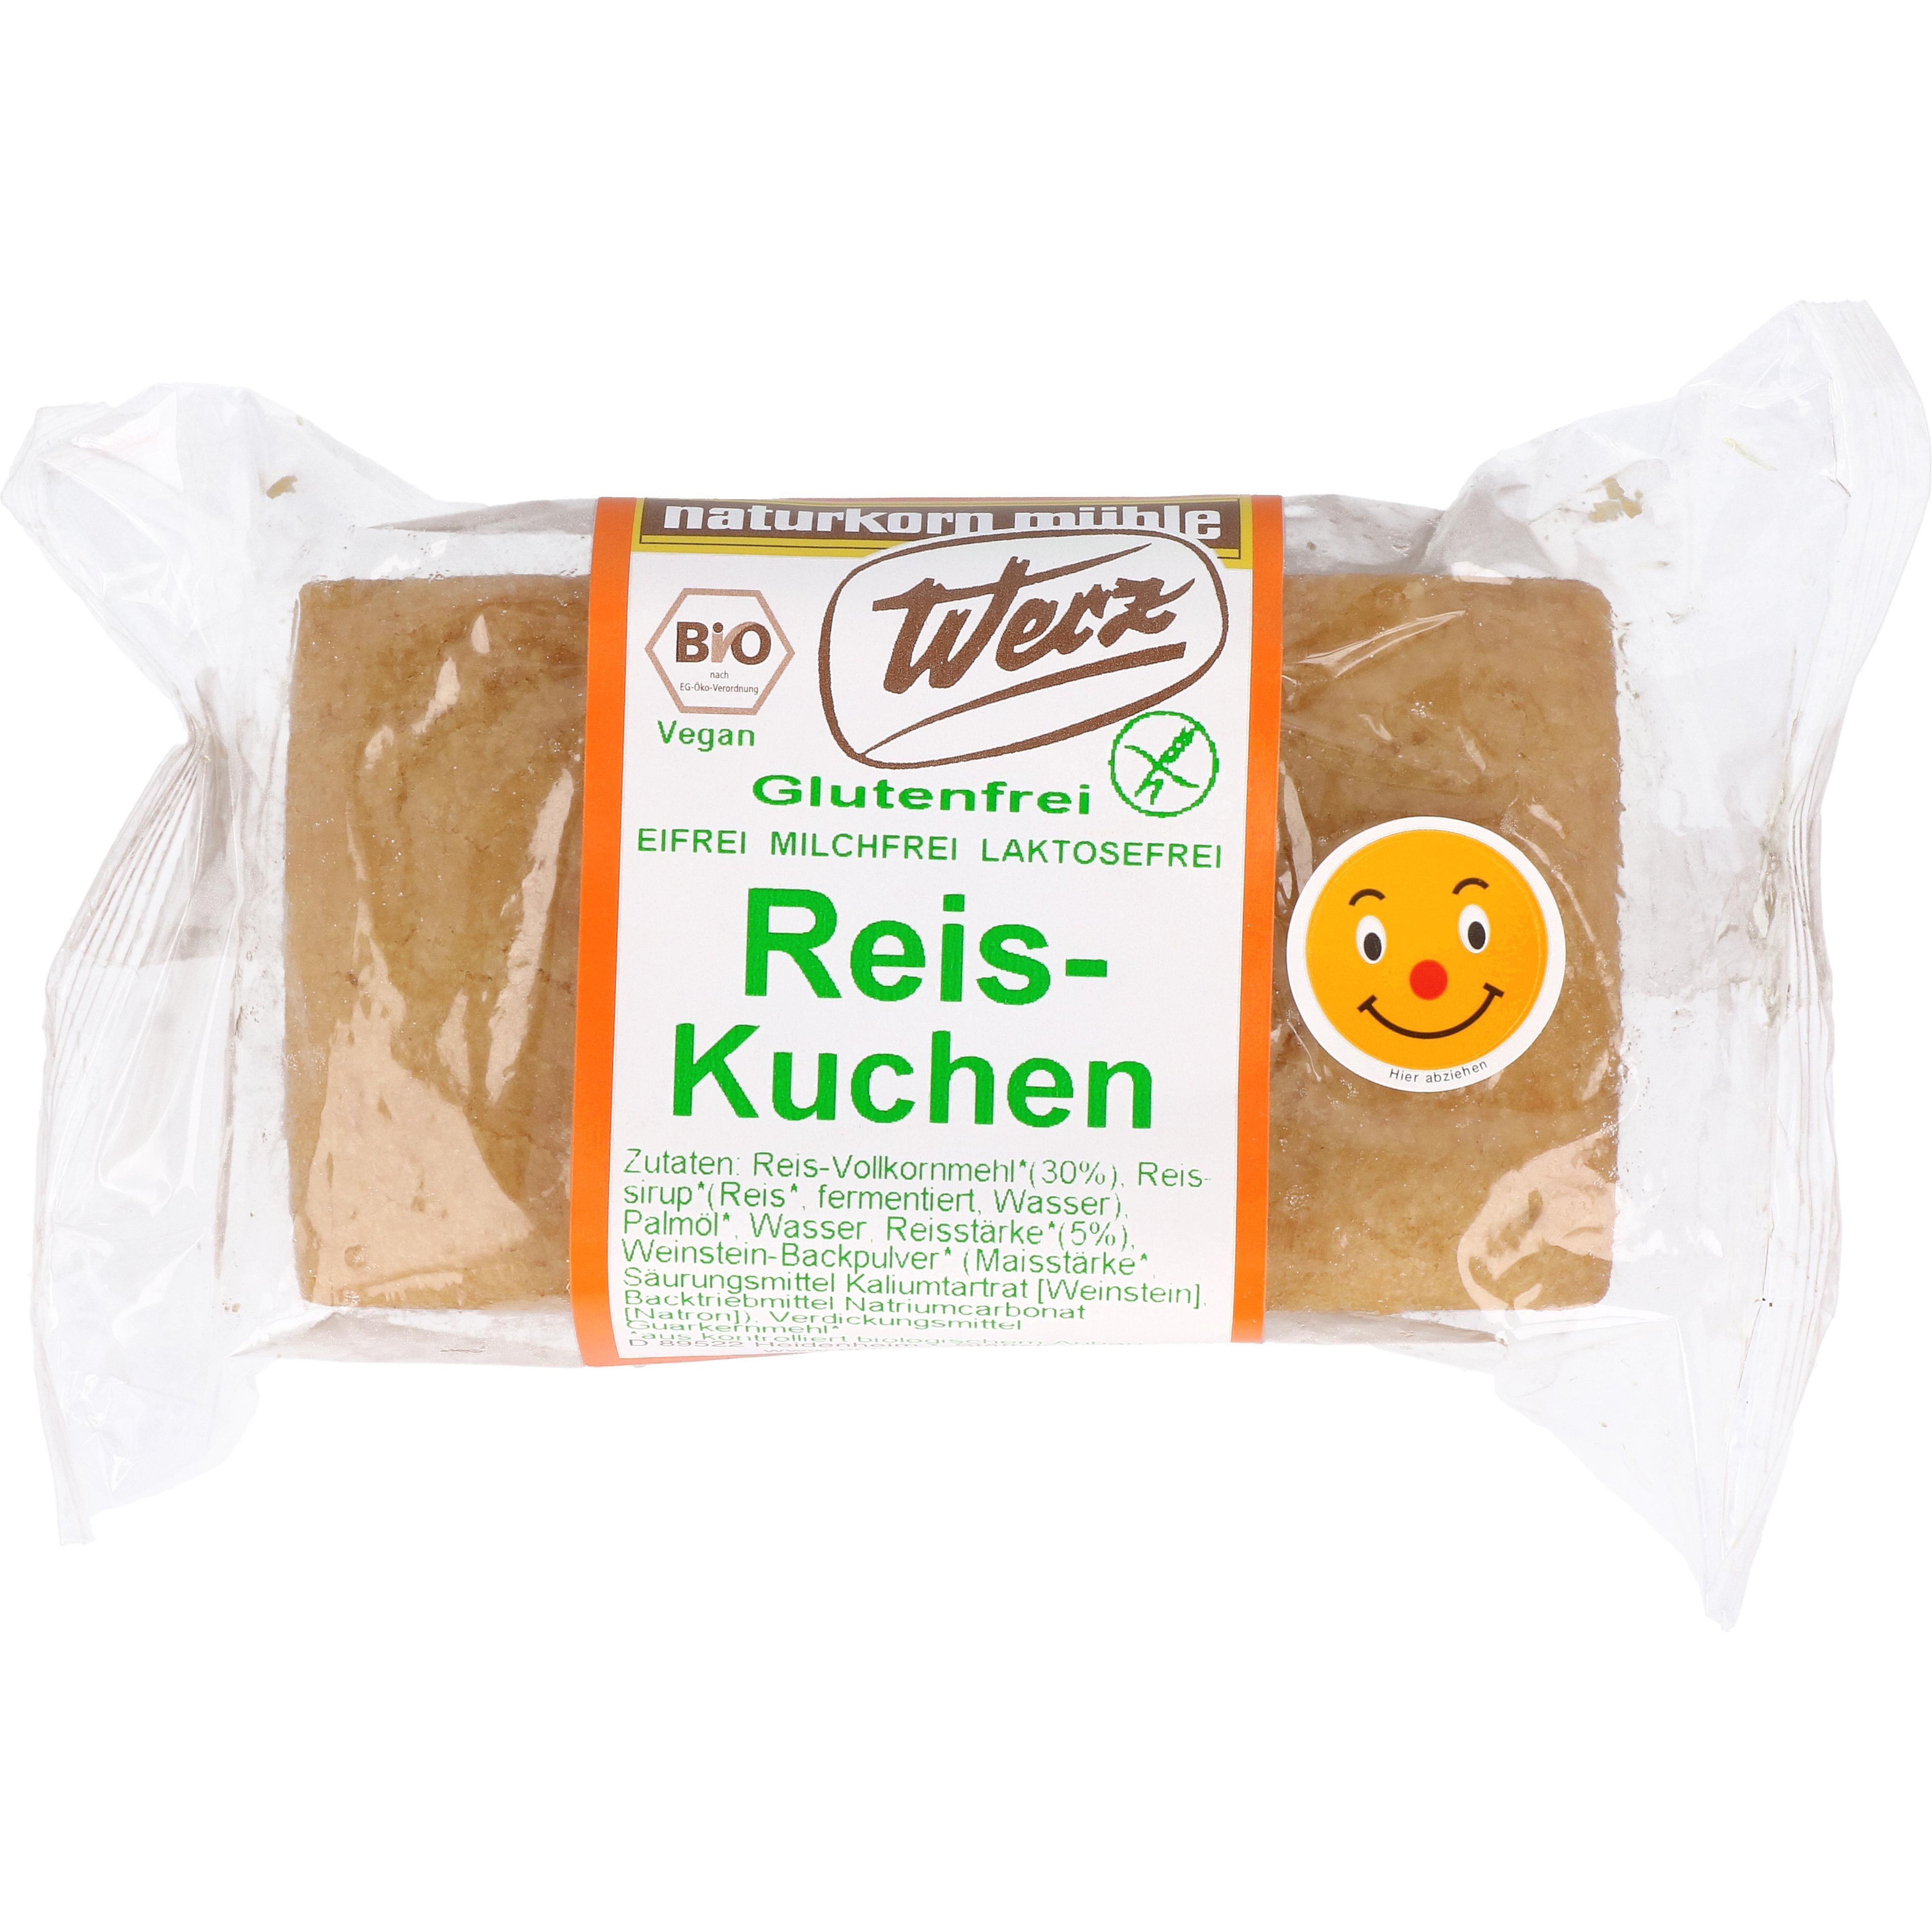 Werz Bio Reis-Kuchen 300g